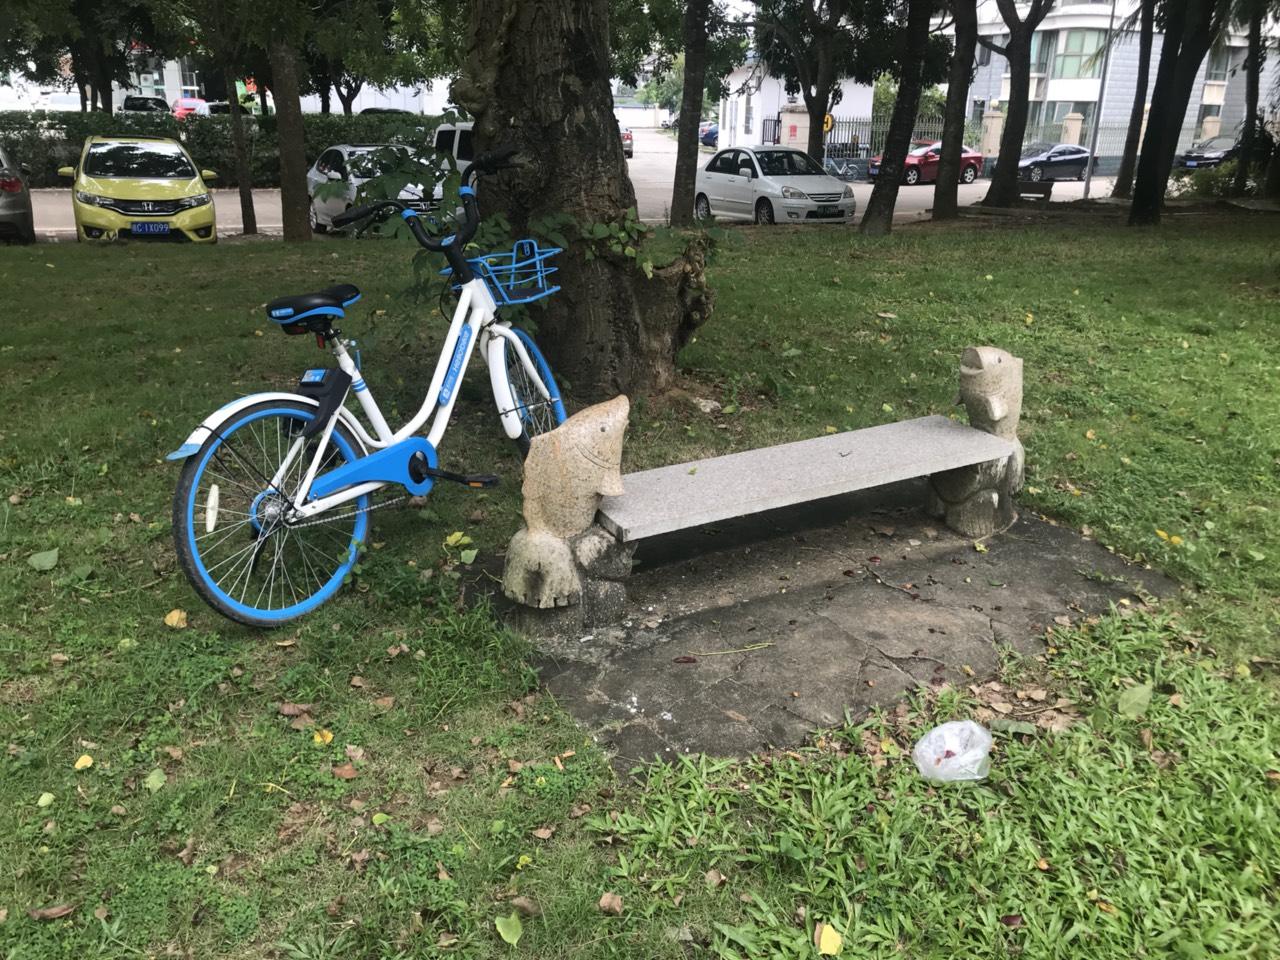 谁把共享单车用完后就这么放大树下了?